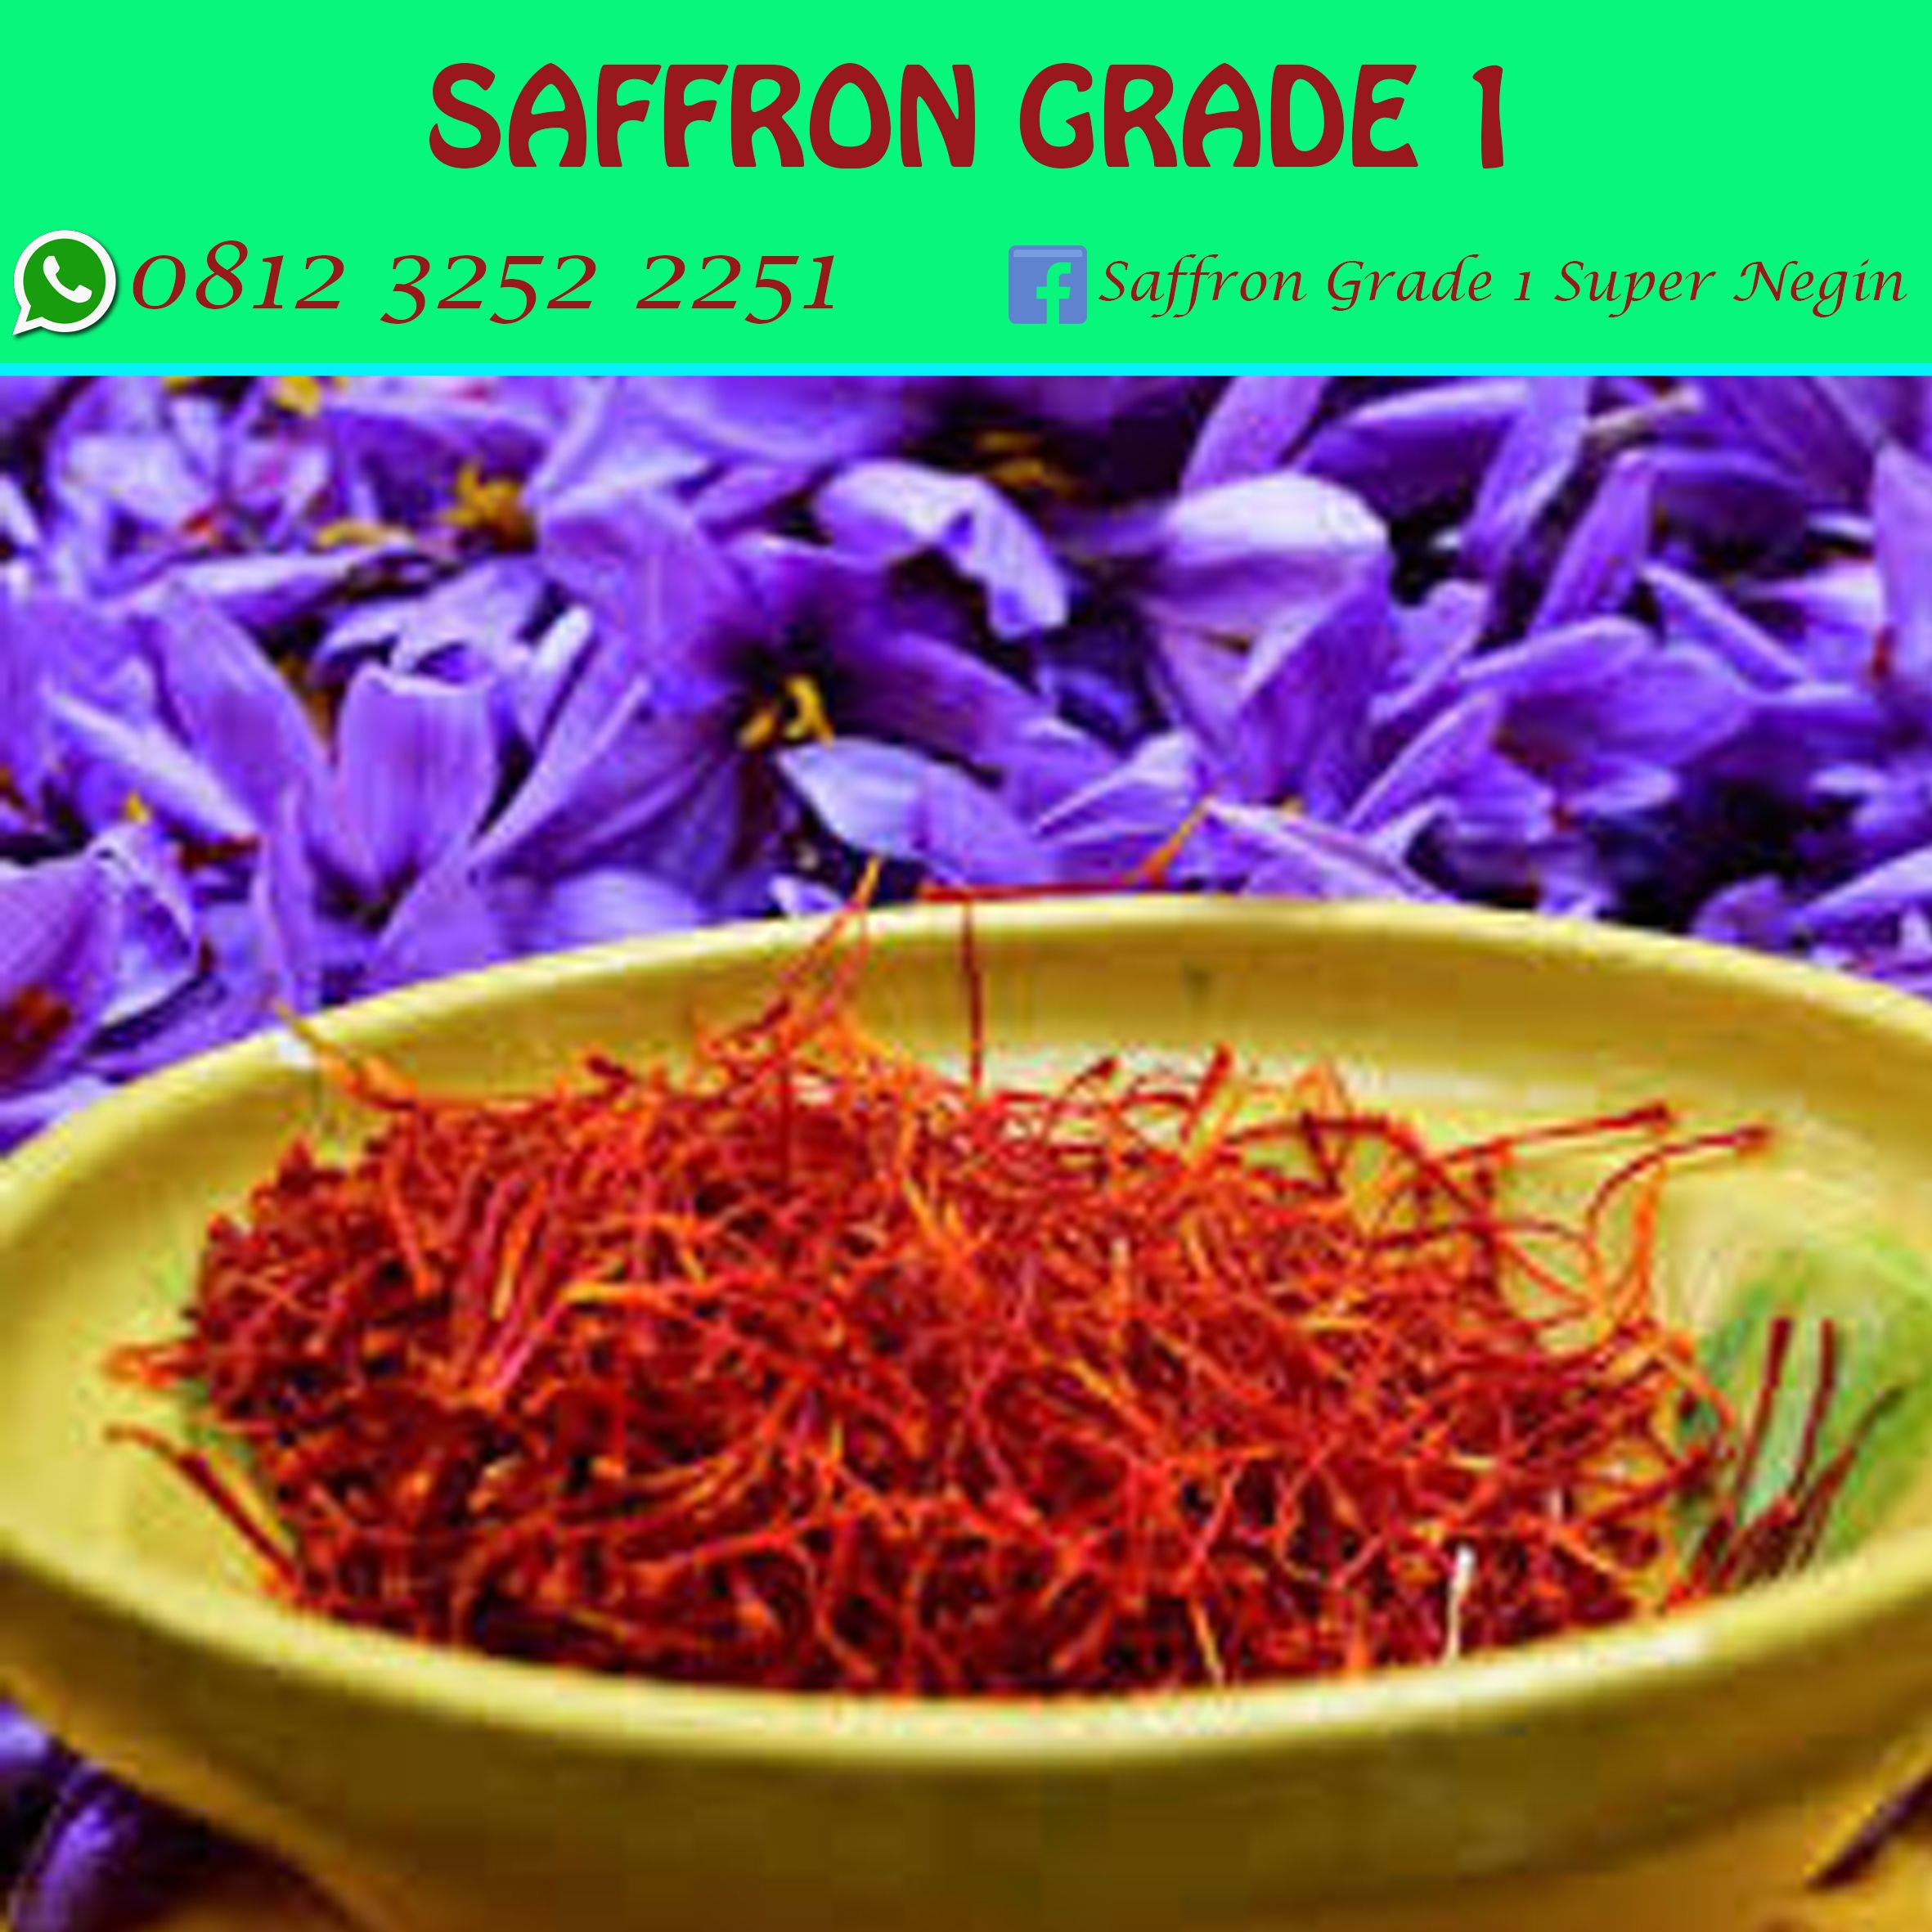 Premium Wa 62 812 3252 2251 Tsel Jual Bunga Saffron Super Negin Samarinda Aceh Di 2021 Penjual Bunga Yogyakarta Kesehatan